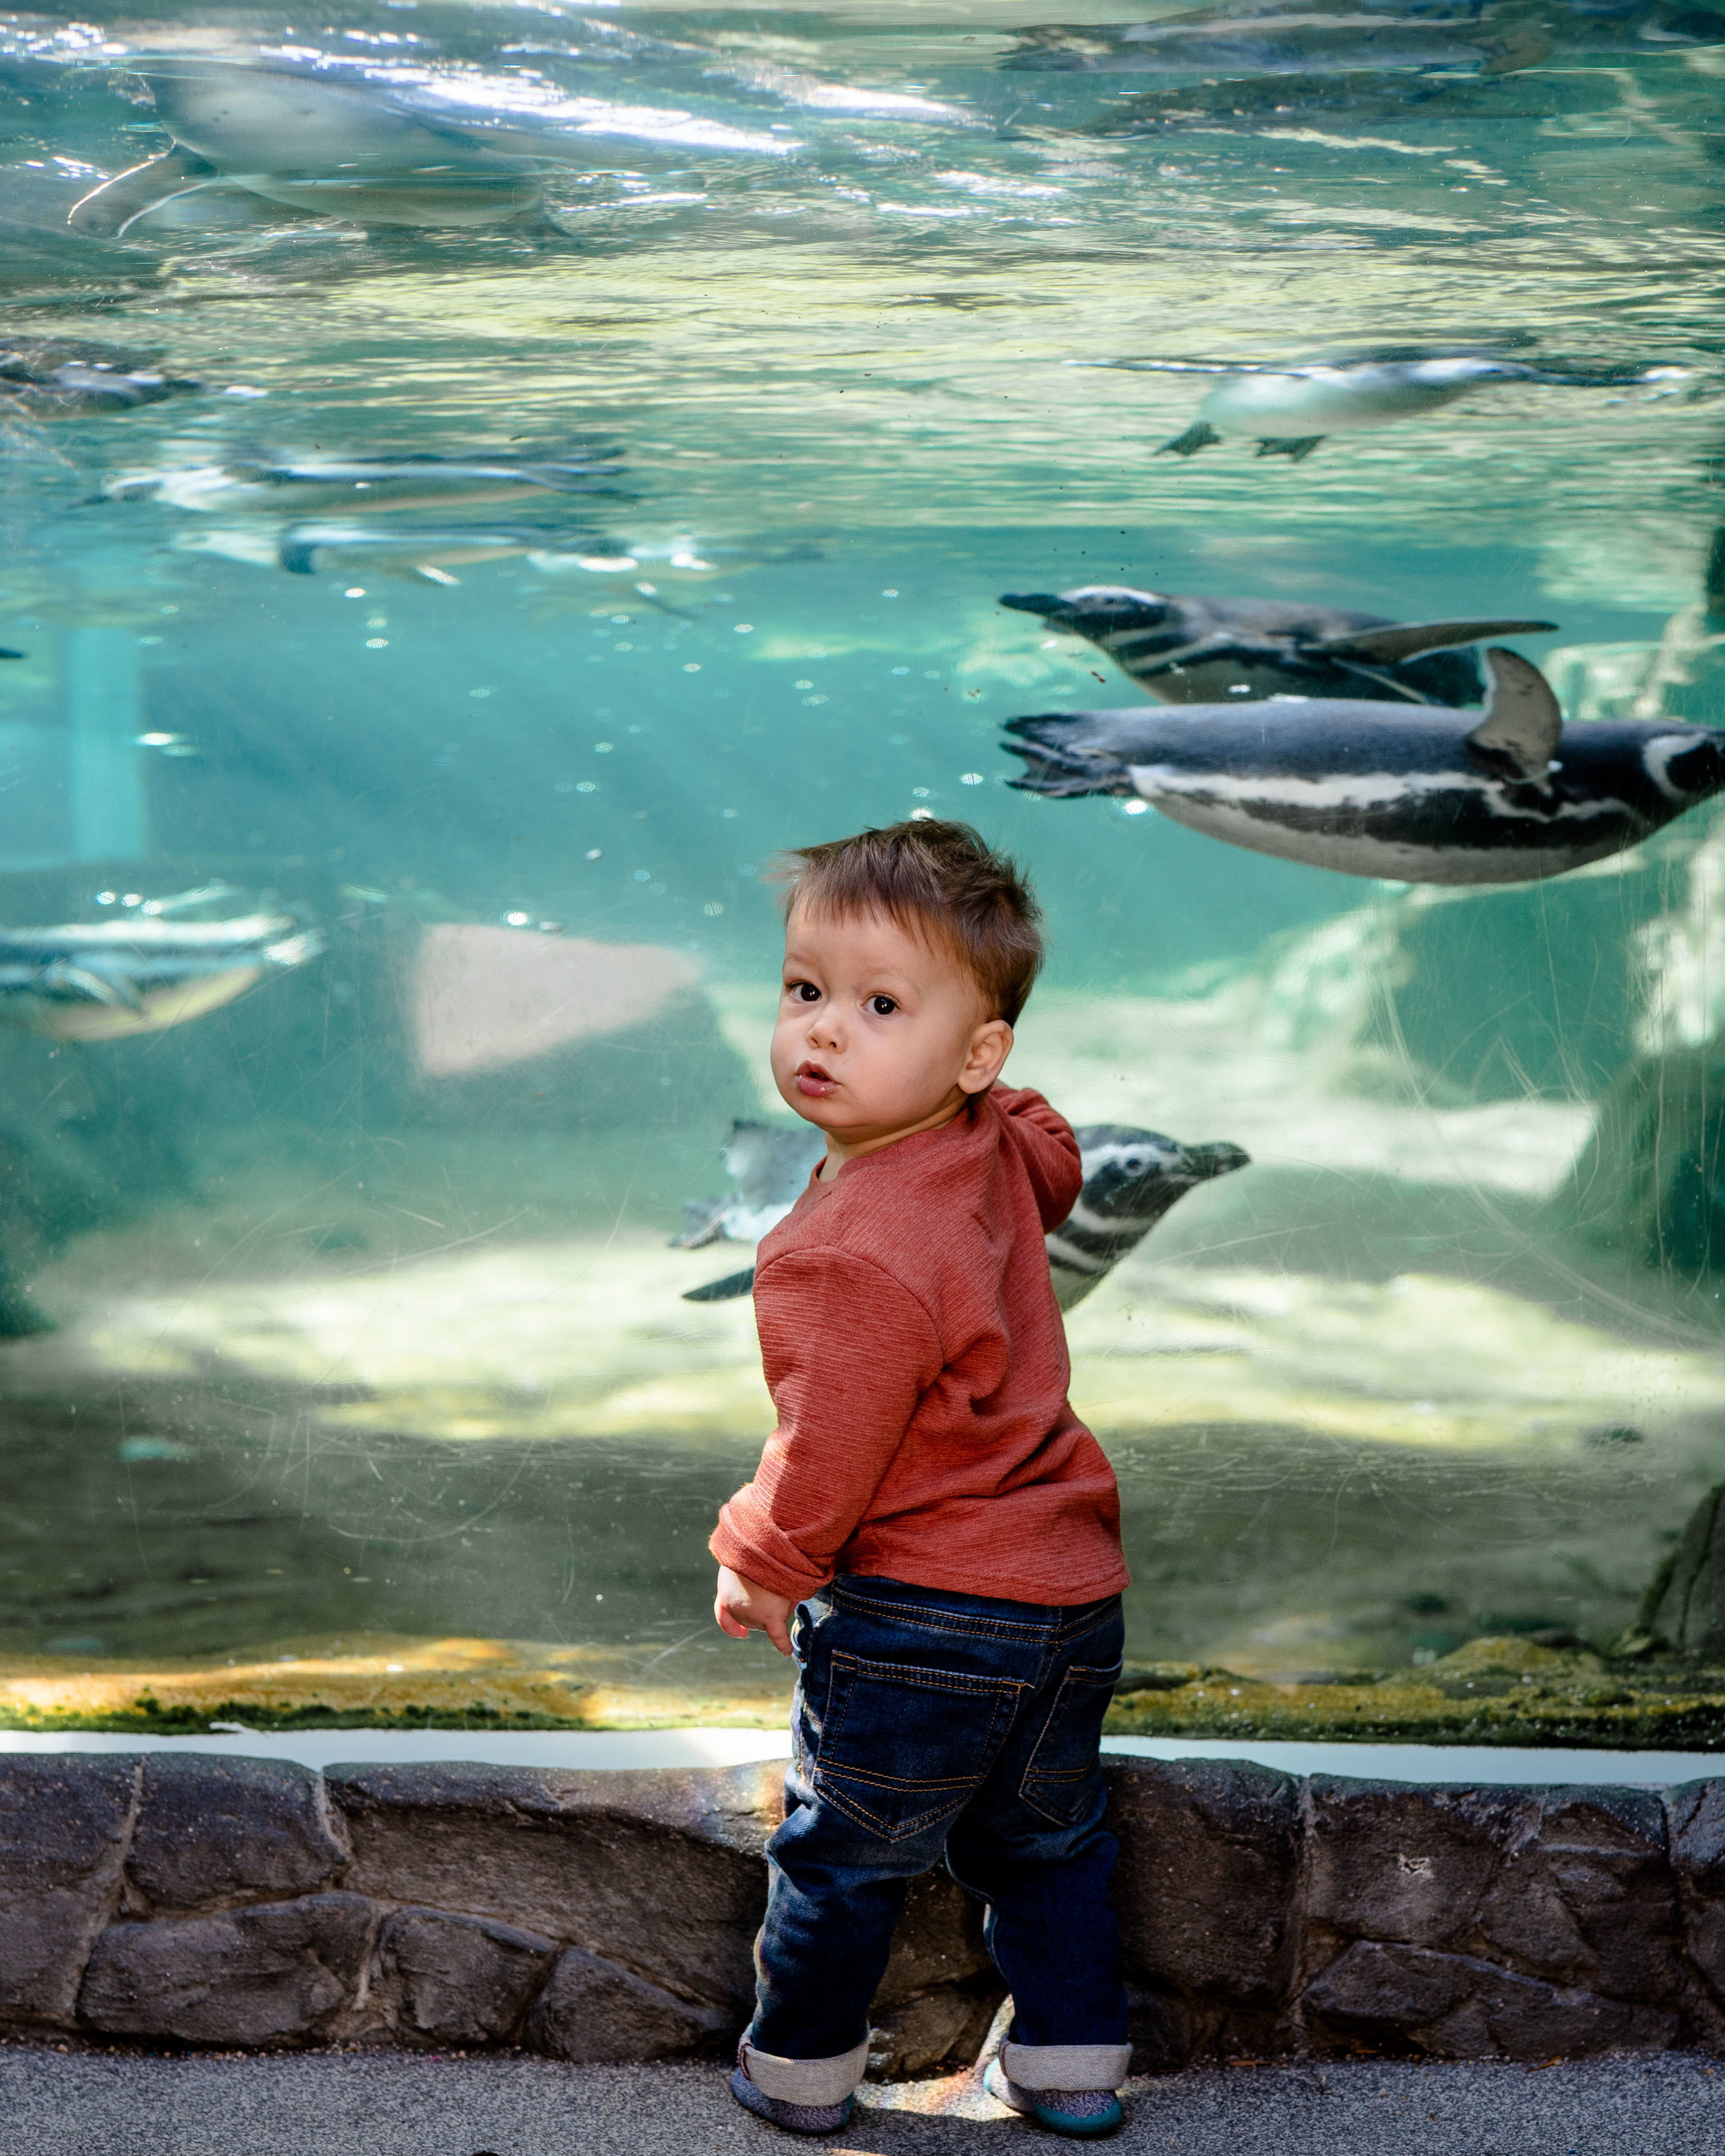 ESW_12.02.18_Aquarium-16.jpg